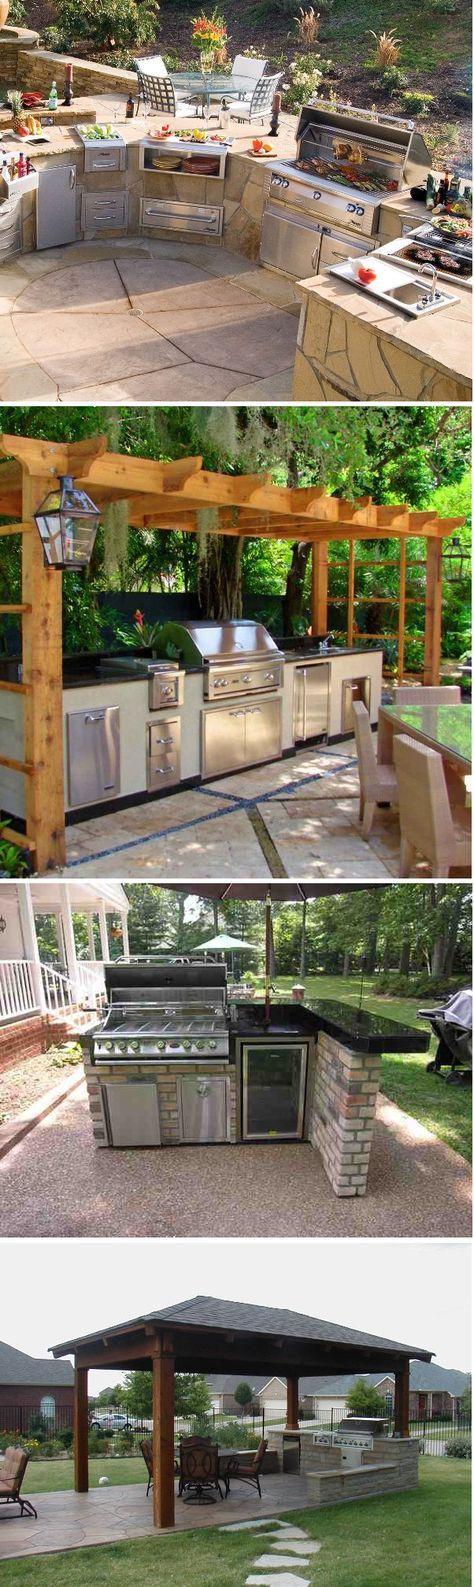 Outdoor Kitchen Design Ideas. #Constrir es el #ARTE de CReAR Infraestructura... #CReOConstrucciones.